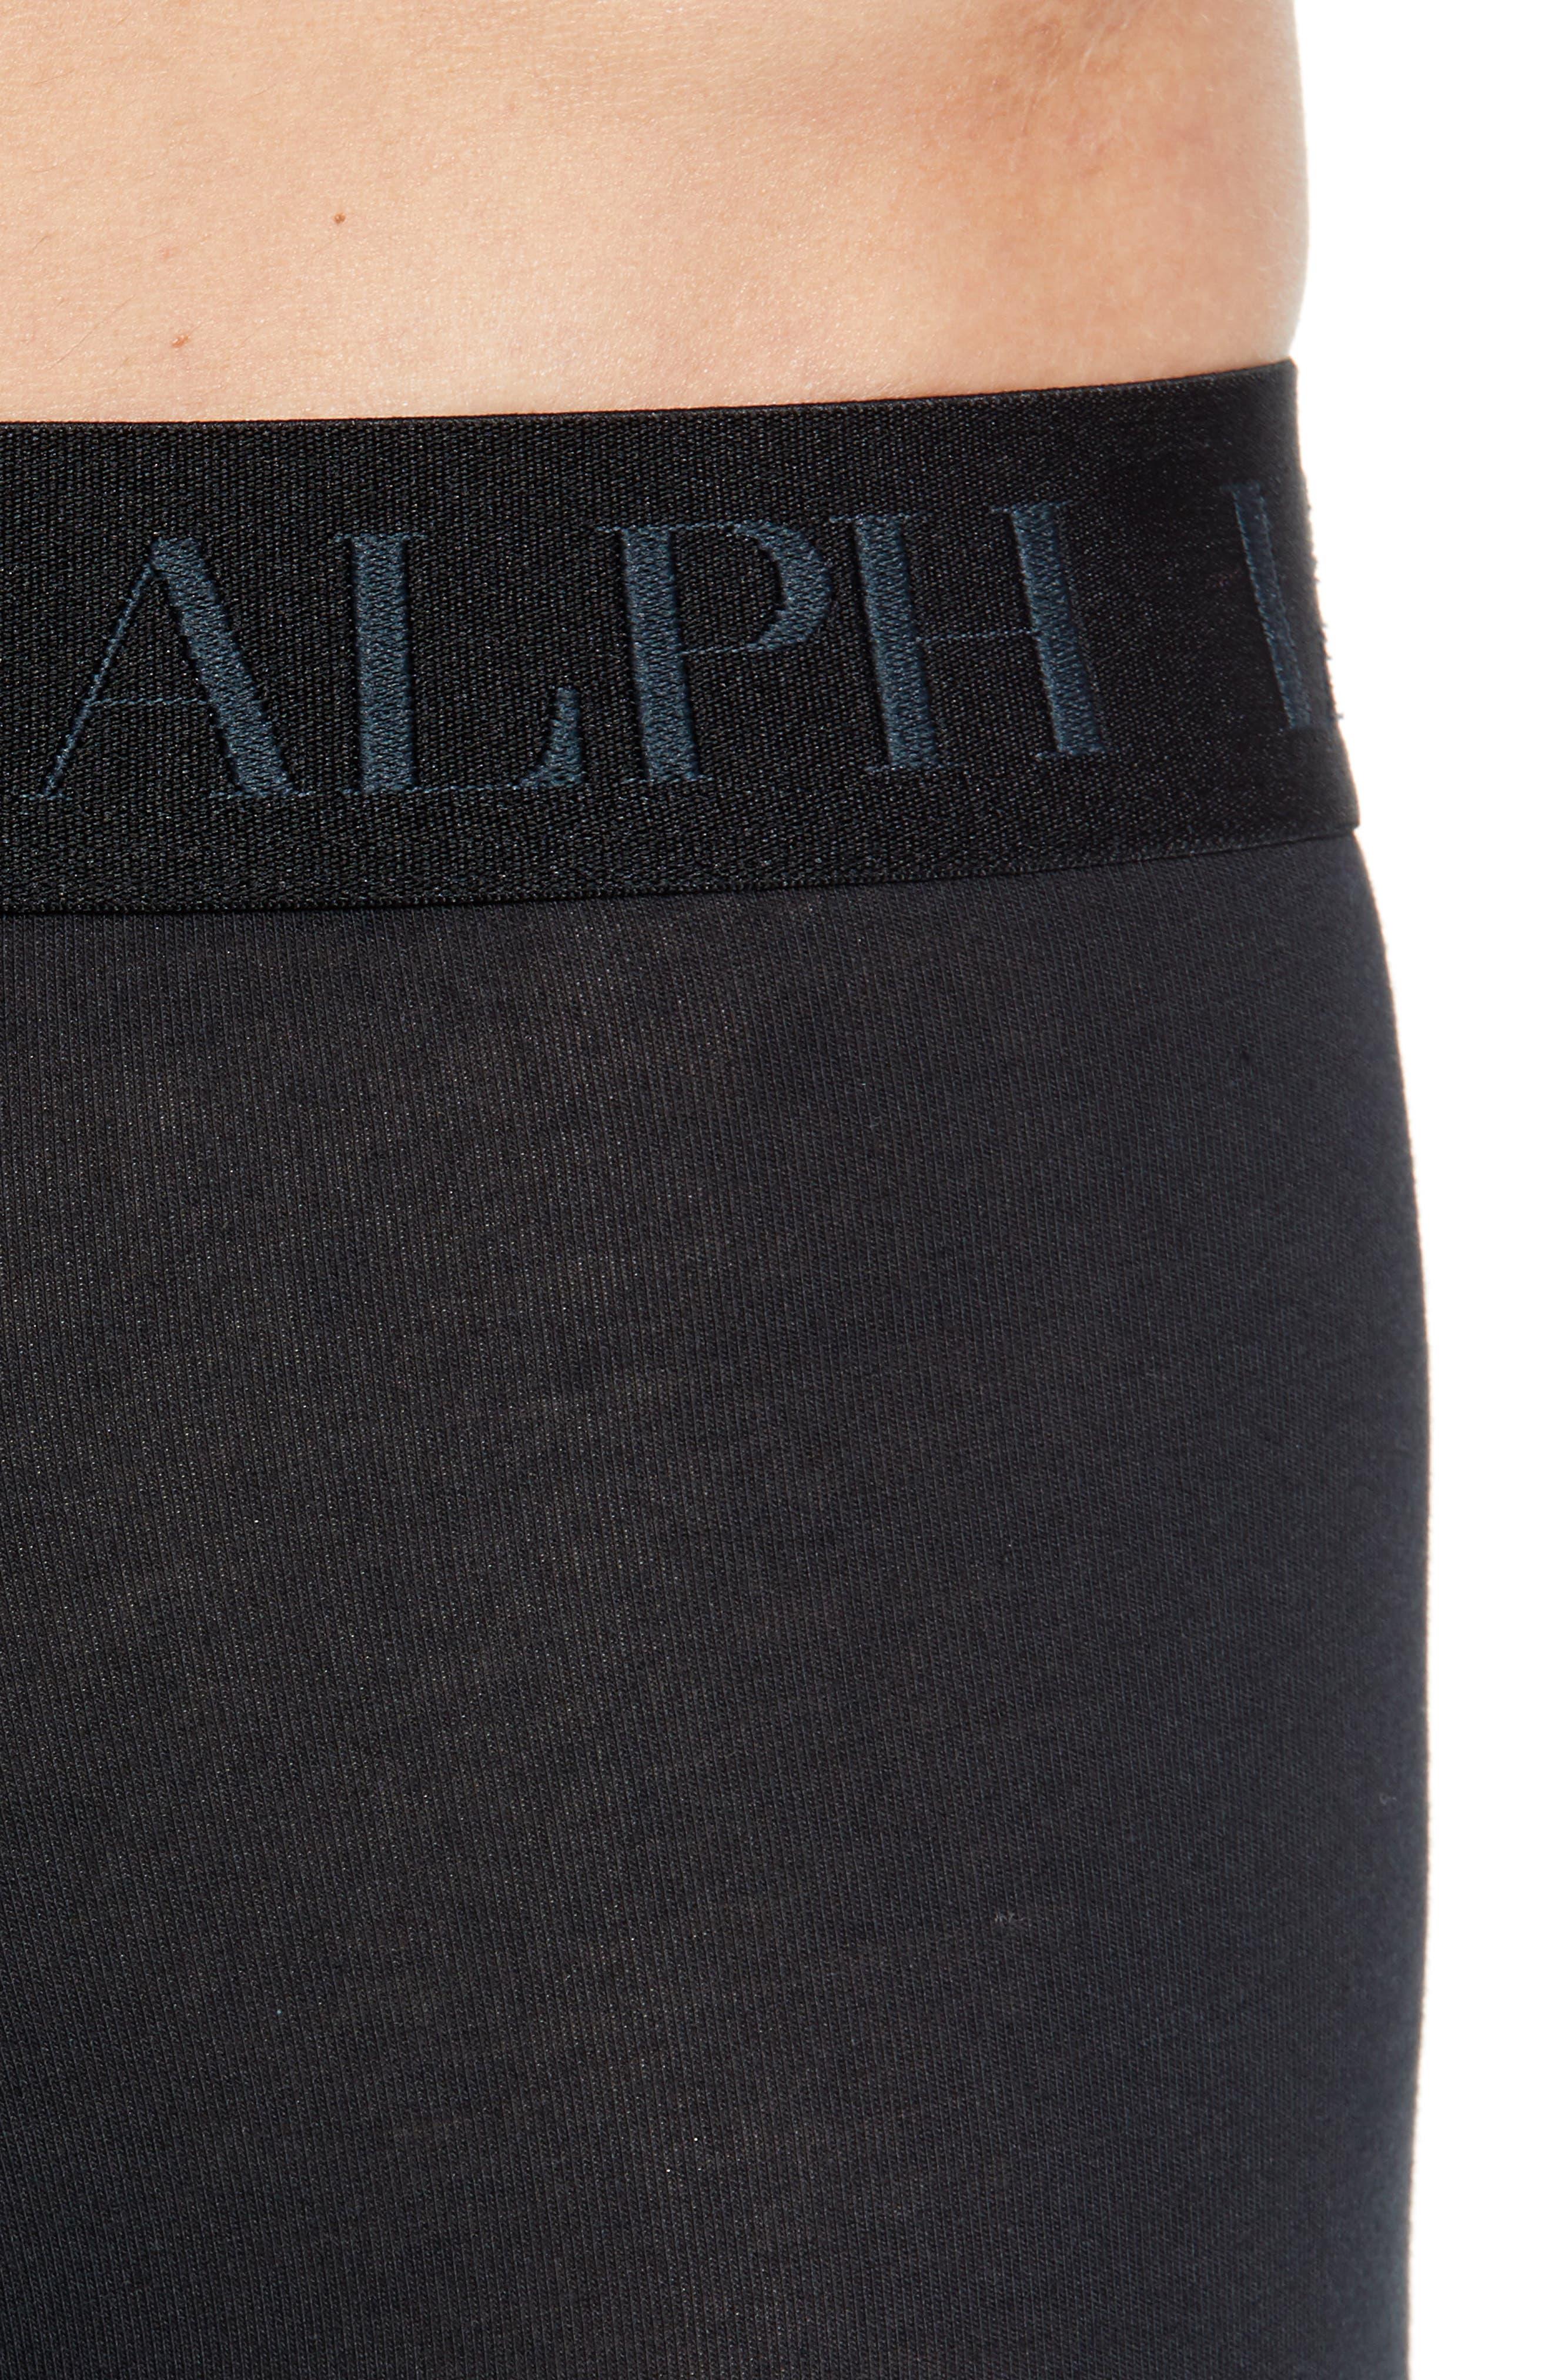 POLO RALPH LAUREN,                             2-Pack Cotton & Modal Boxer Briefs,                             Alternate thumbnail 5, color,                             001